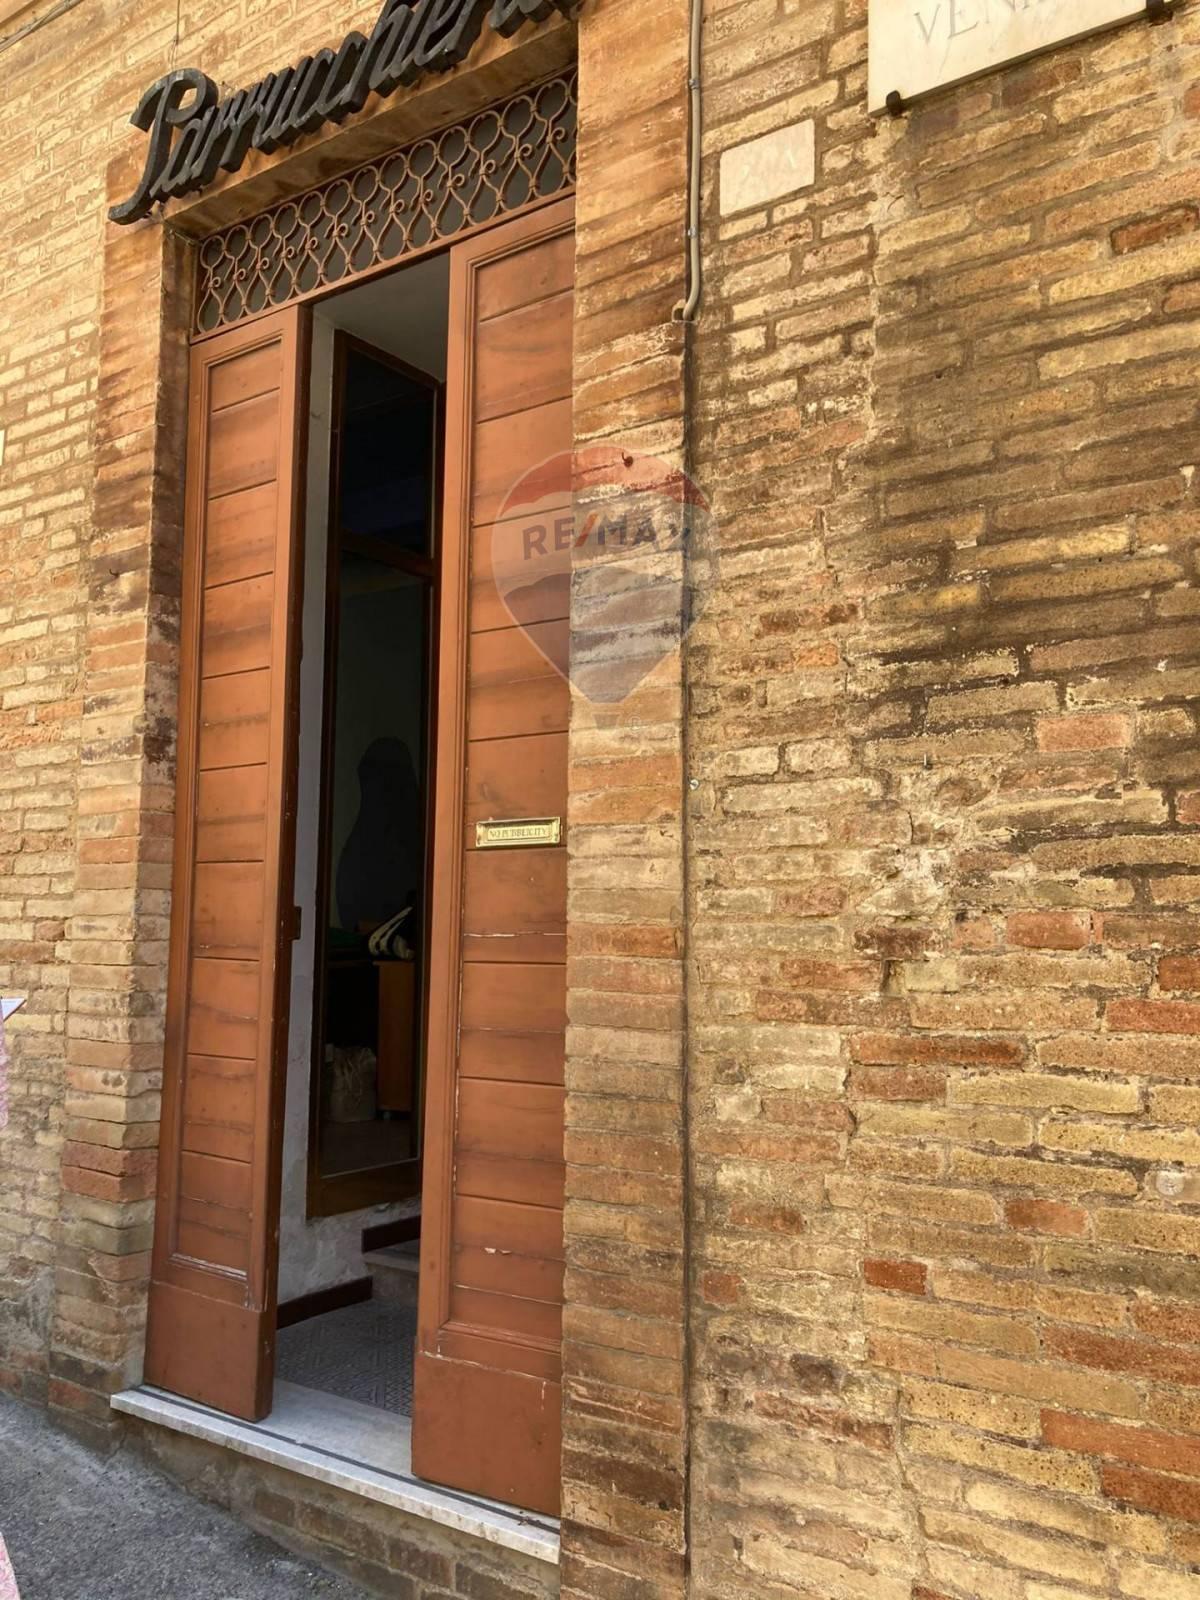 Negozio / Locale in affitto a Recanati, 9999 locali, prezzo € 370   CambioCasa.it